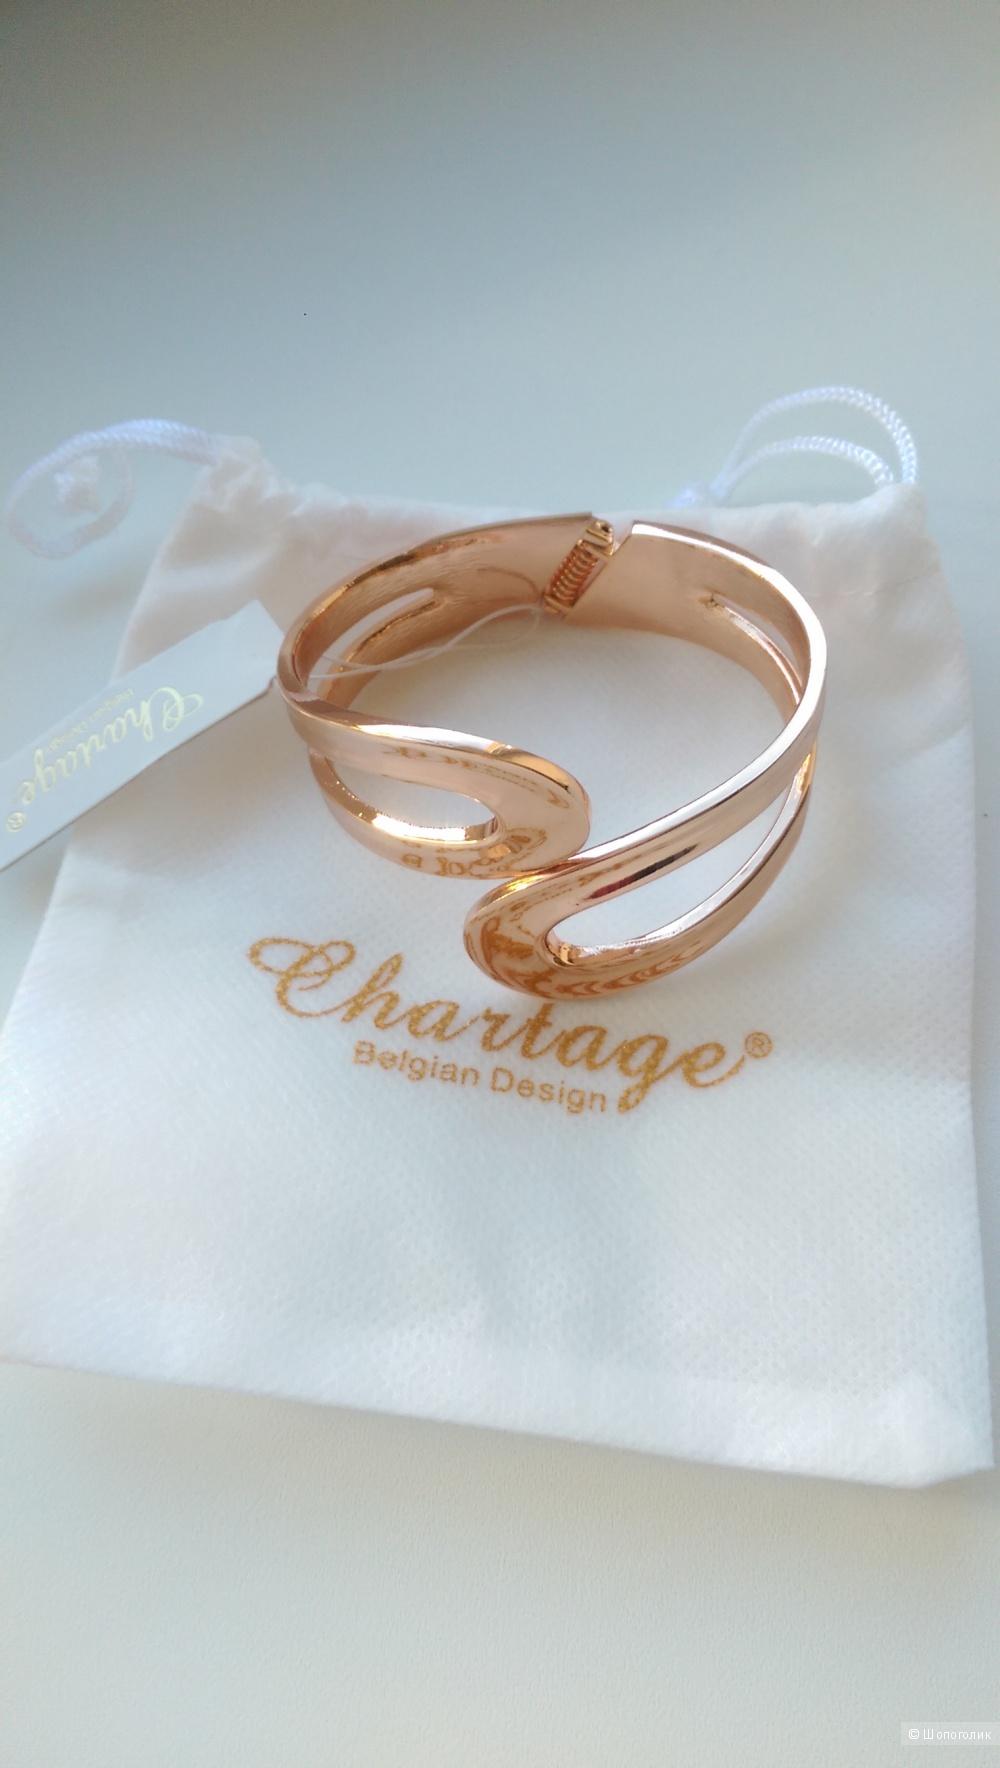 Браслет Chartage